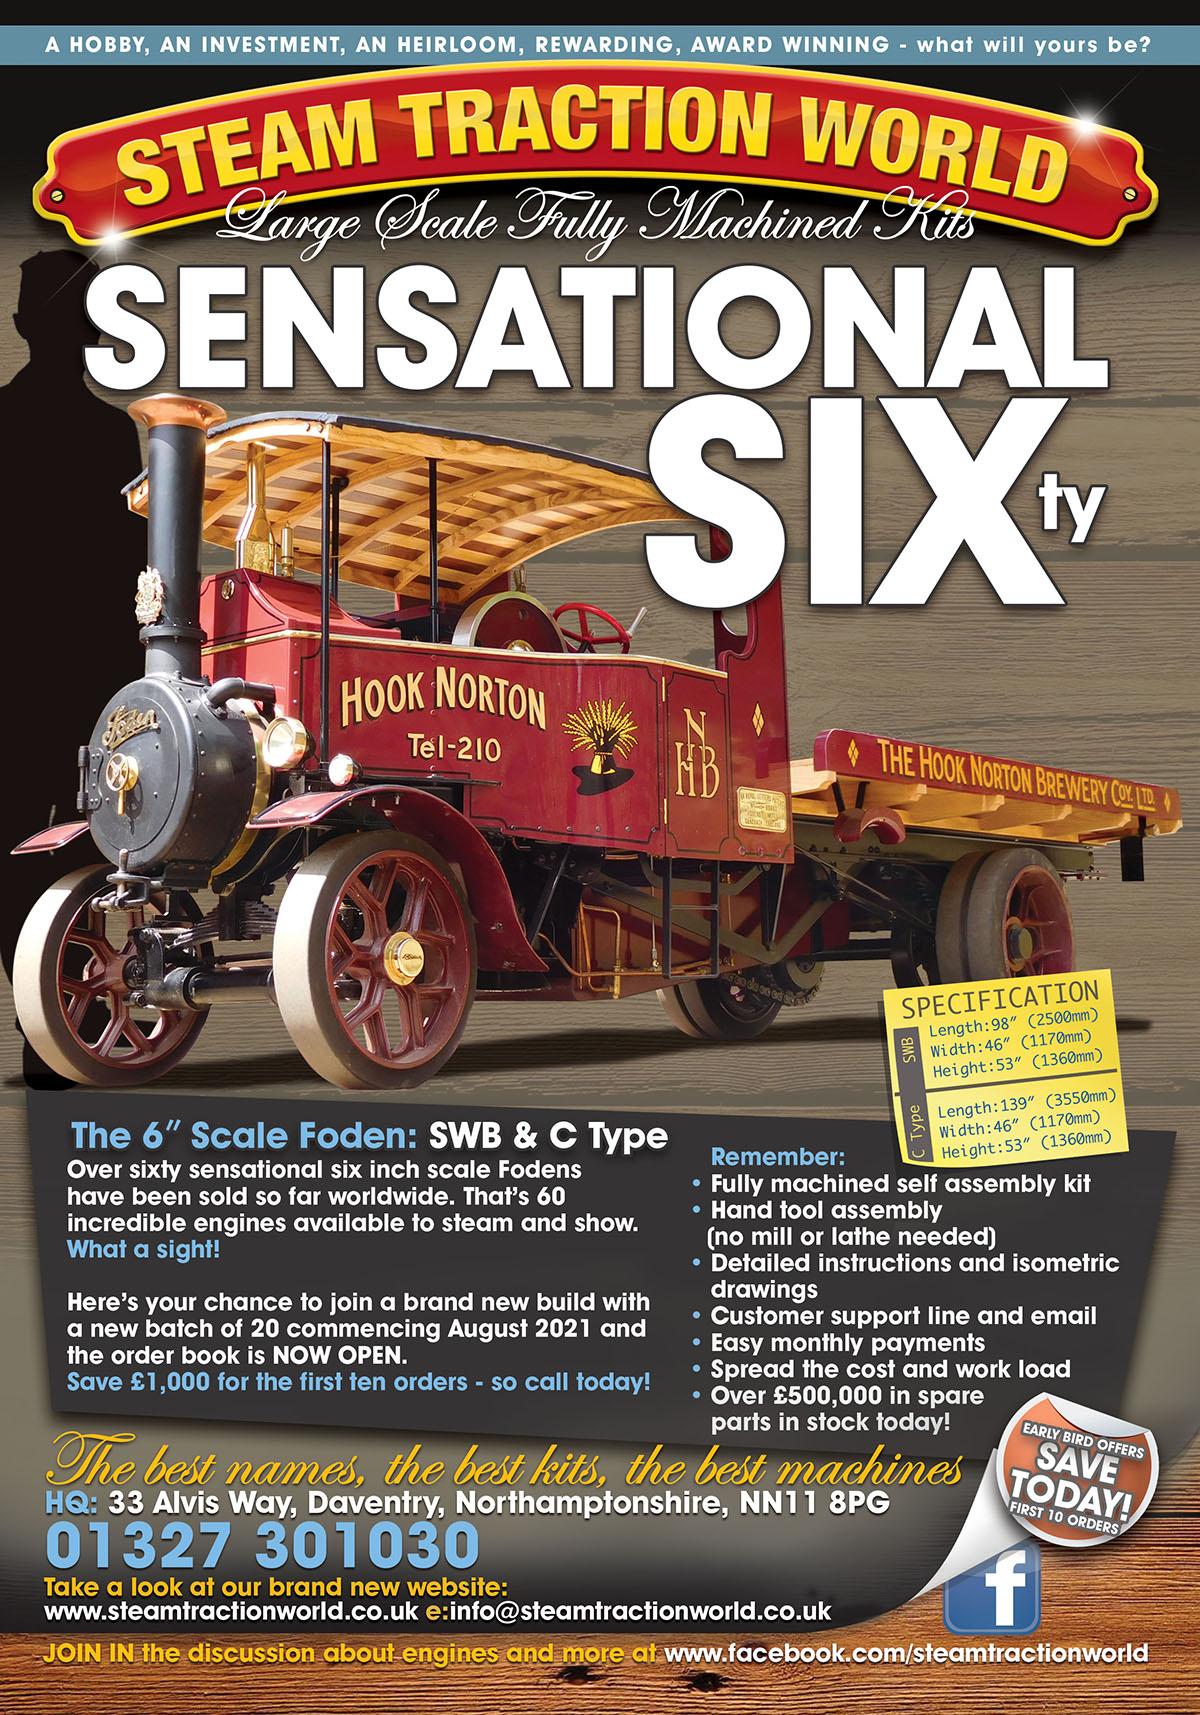 Advert: SENSATIONAL SIX-ty